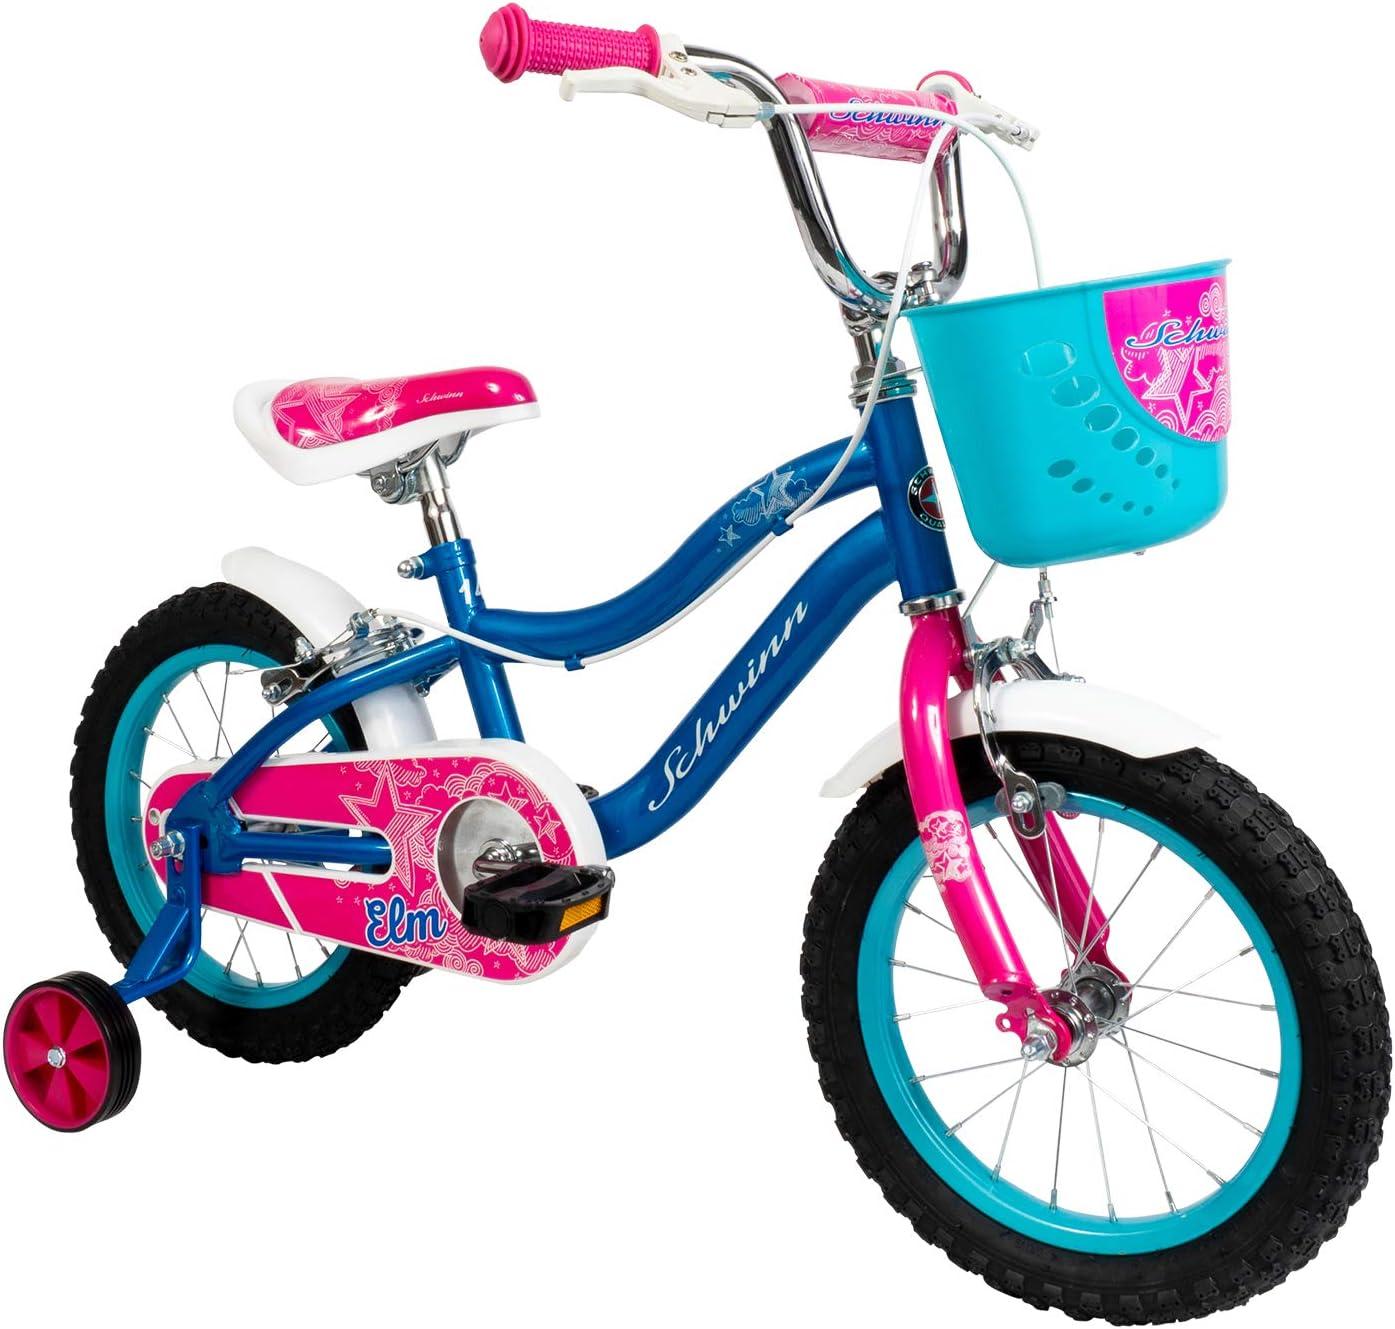 12 16 14 Adjustable Seat Multiple Colours 20 Inch Wheels 18 Schwinn Koen Kids Bike with SmartStart Stabilisers